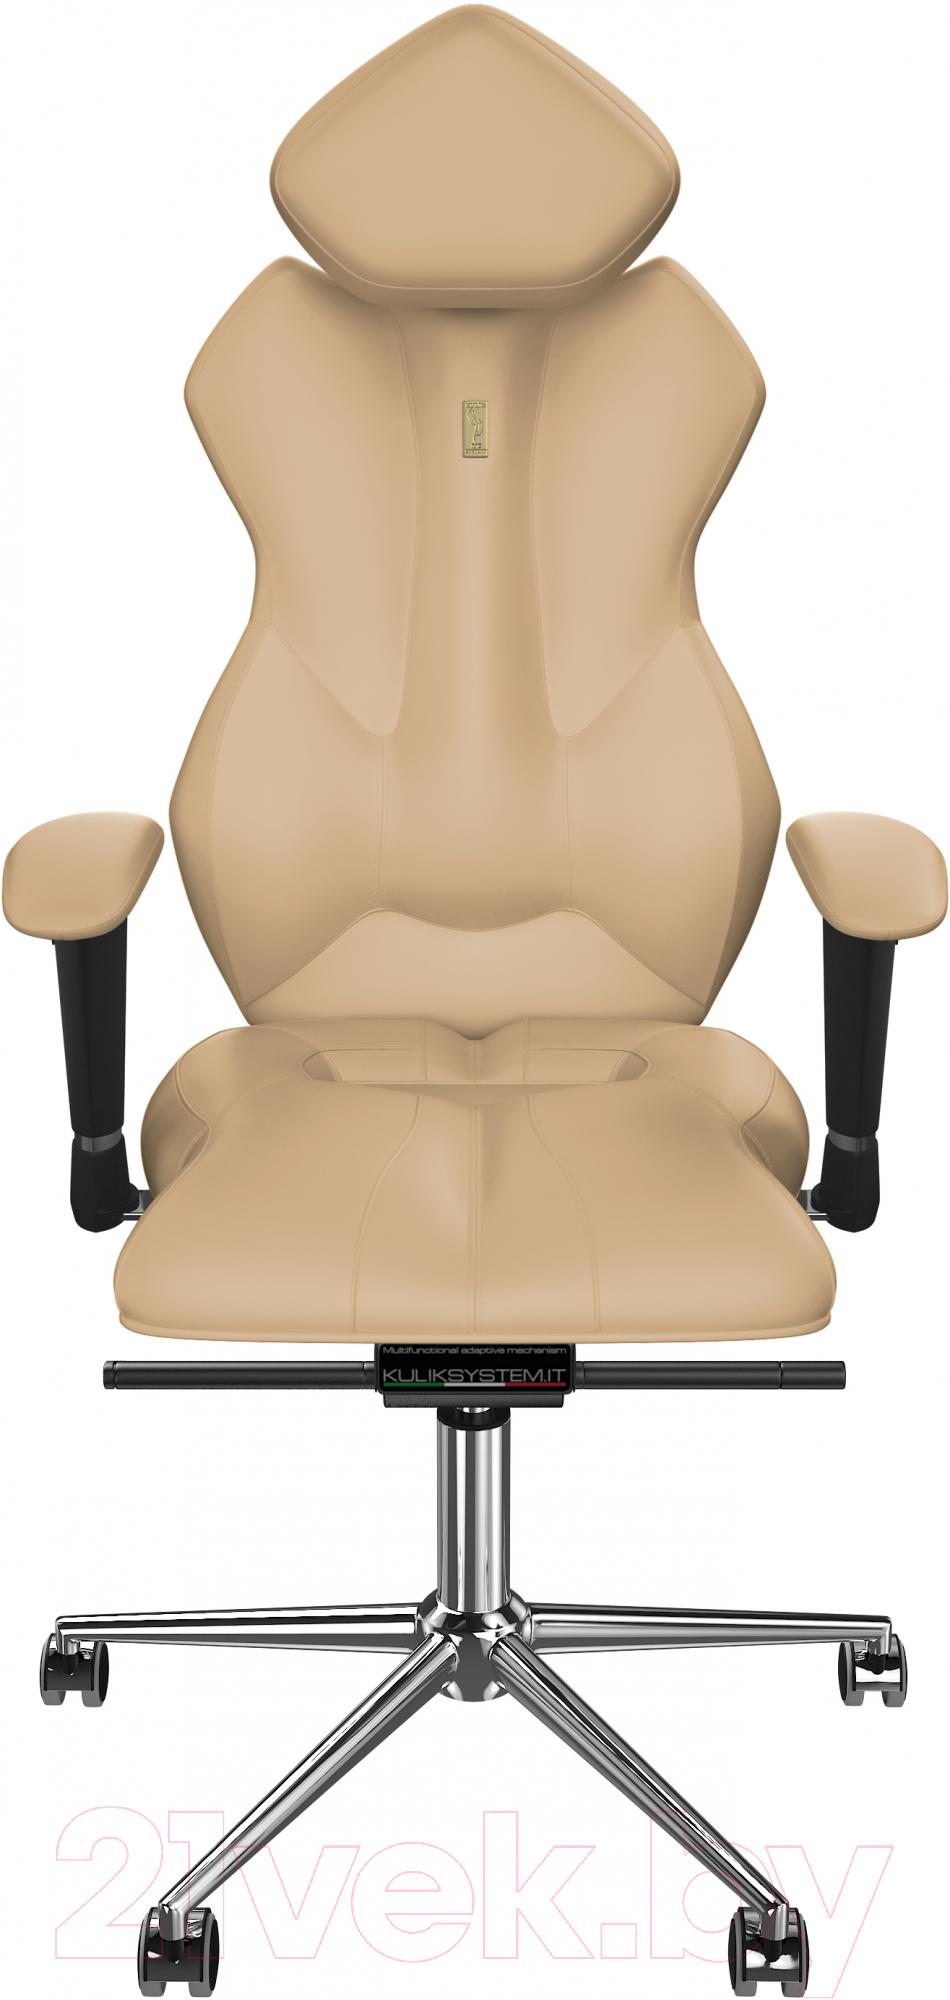 Купить Кресло офисное Kulik System, Royal экокожа (бежевый с подголовником), Украина, Royal (Kulik System)